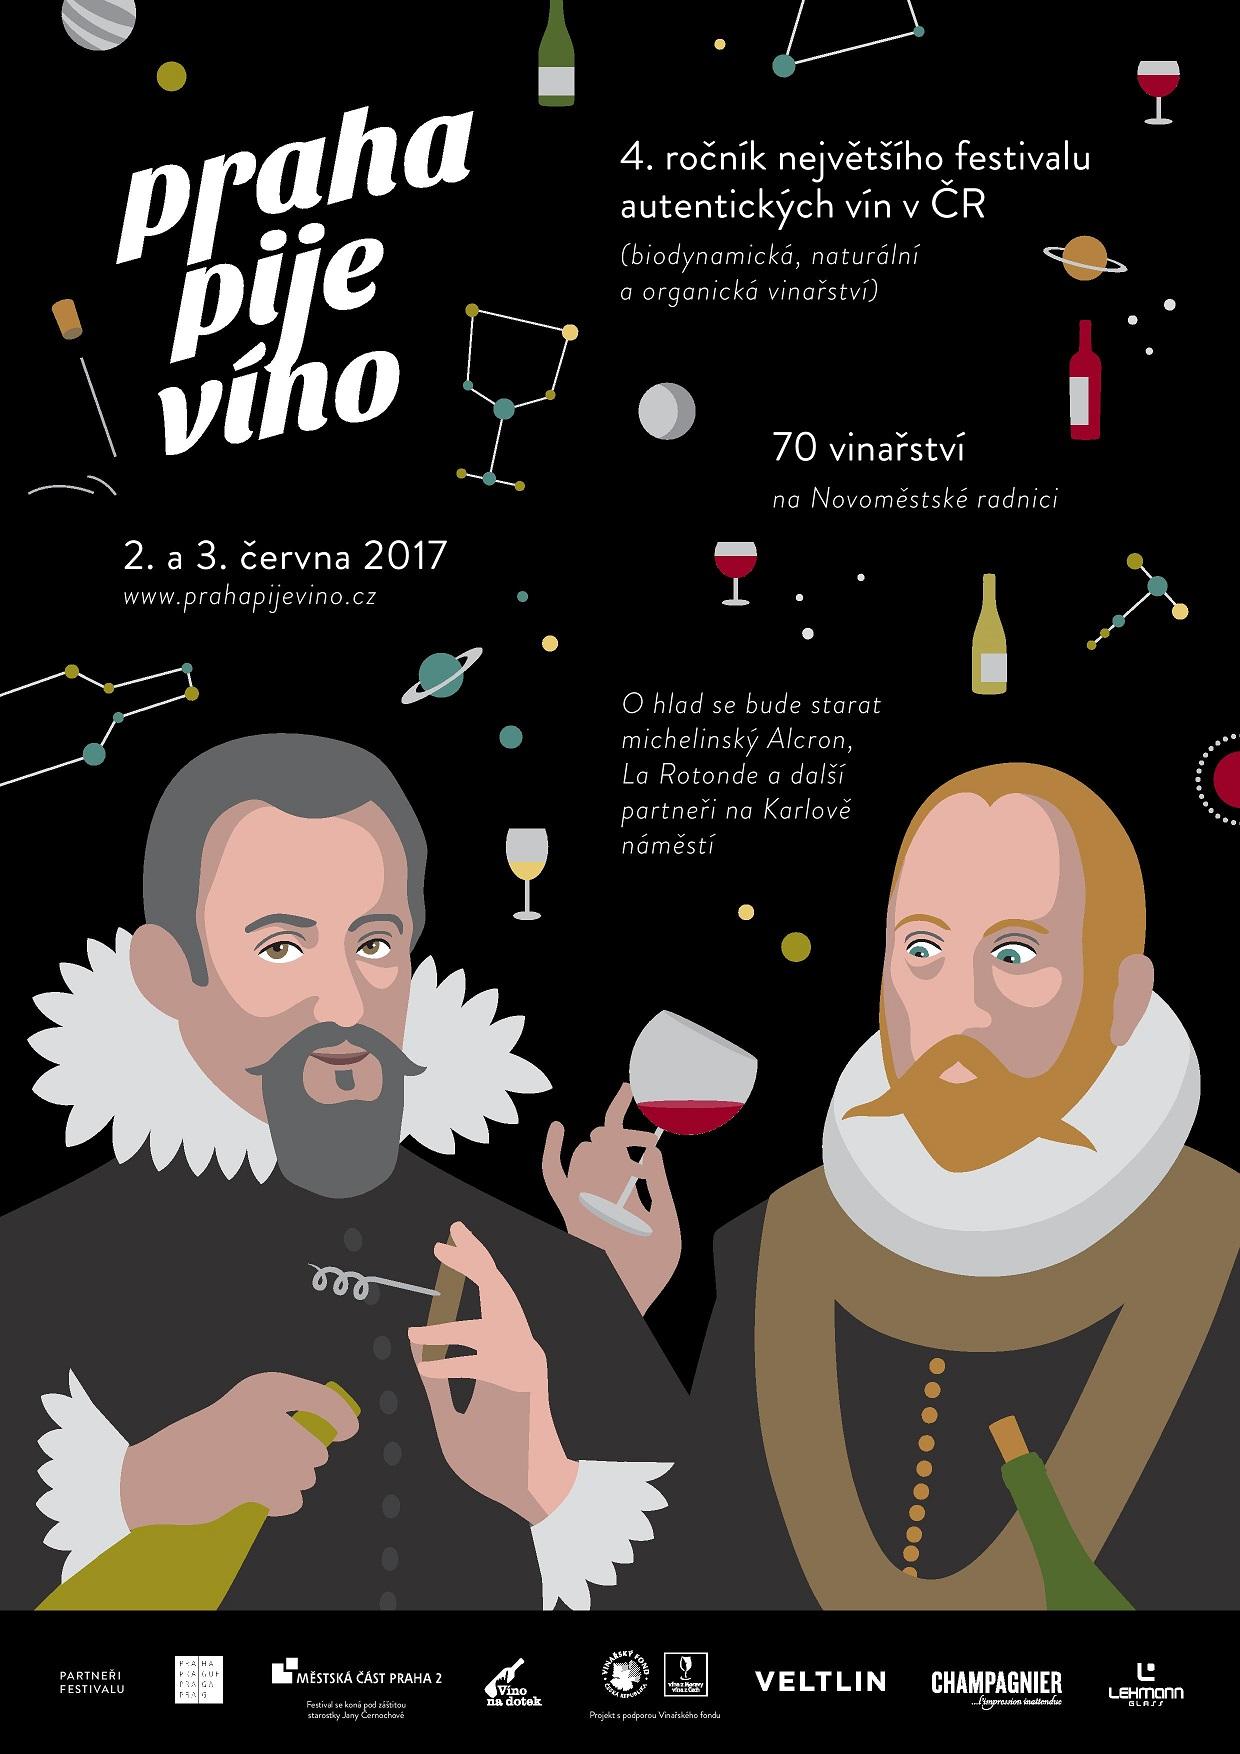 Soutěž o vstupenky na festival vín \ - www.prahapijevino.cz